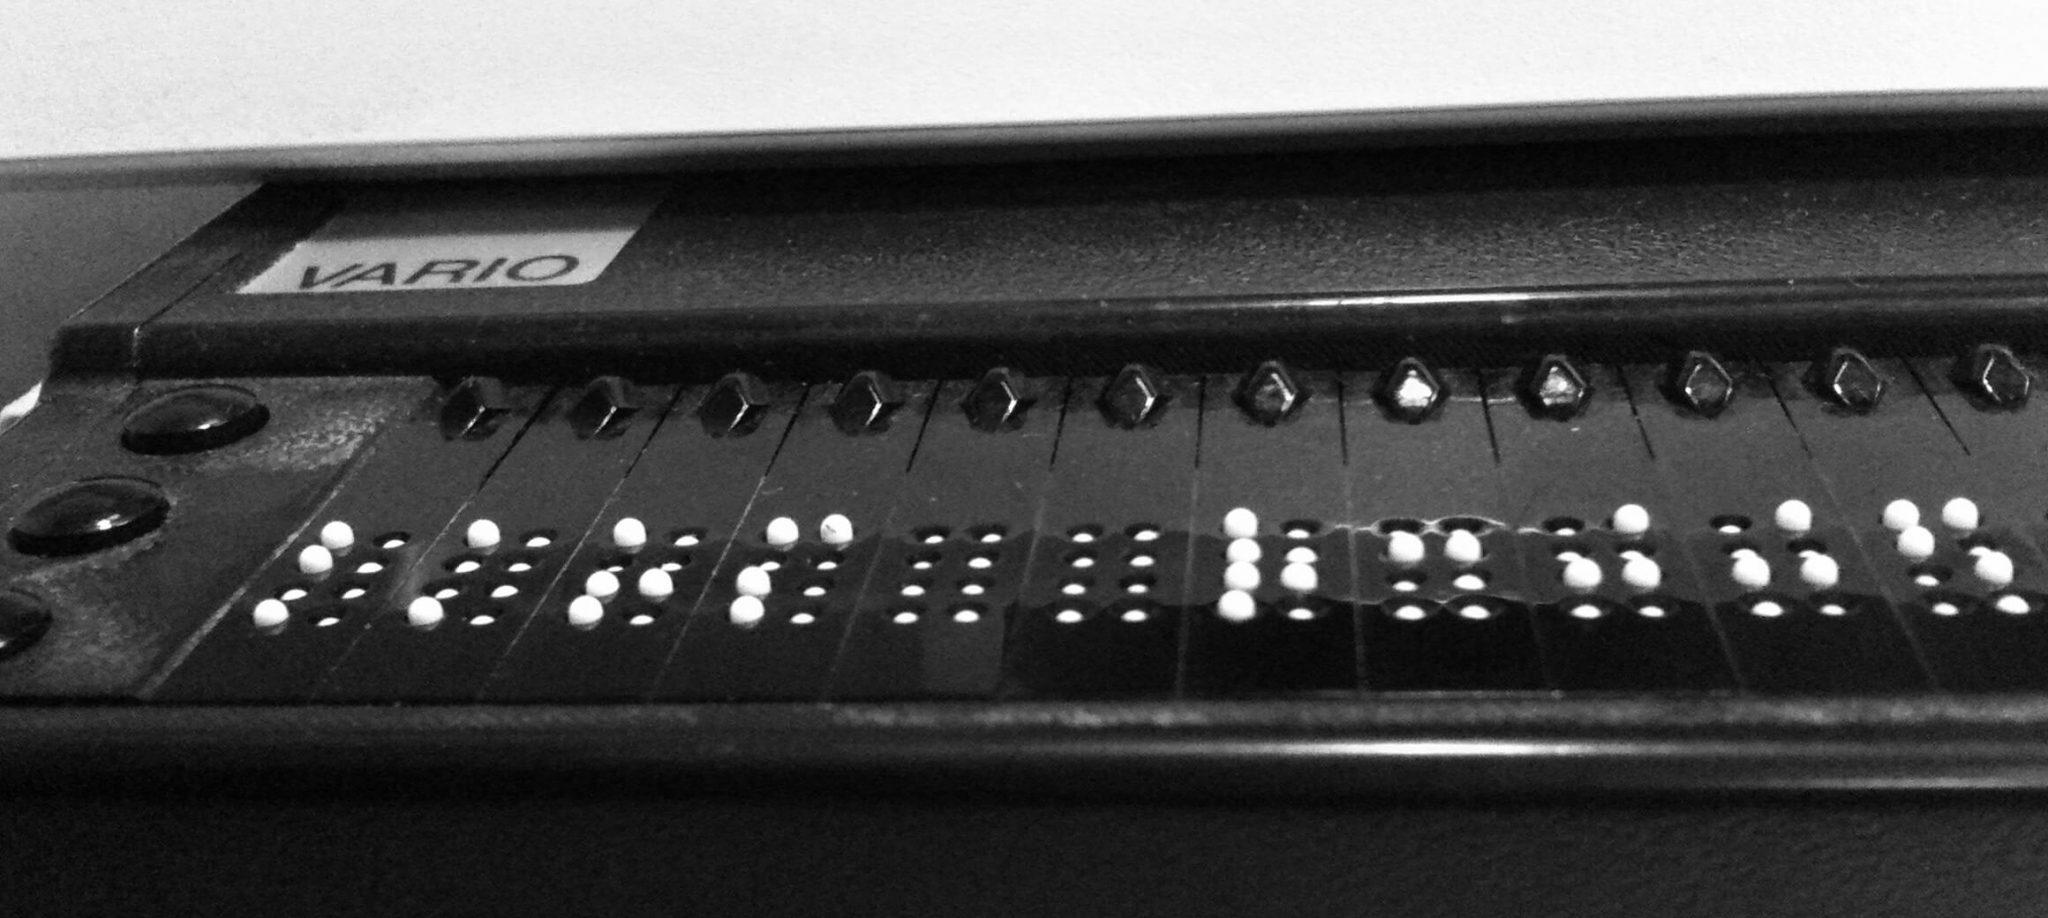 Eine Braillezeile von Vario